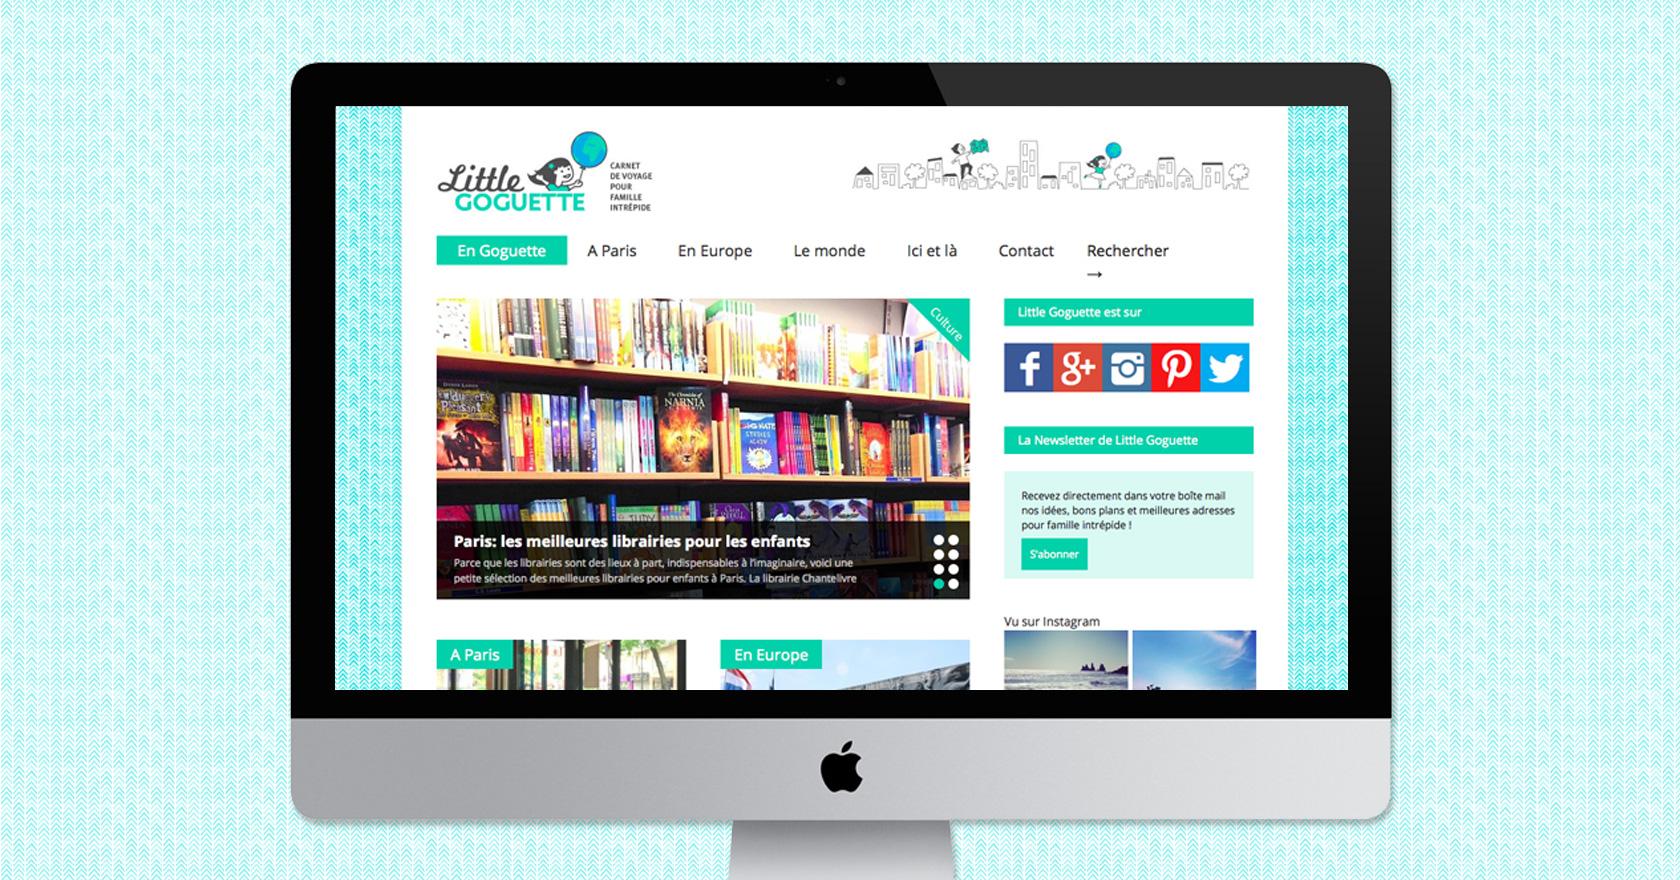 site web Little Goguette : illustration, logo, identité, site web - Wala Studio Graphique